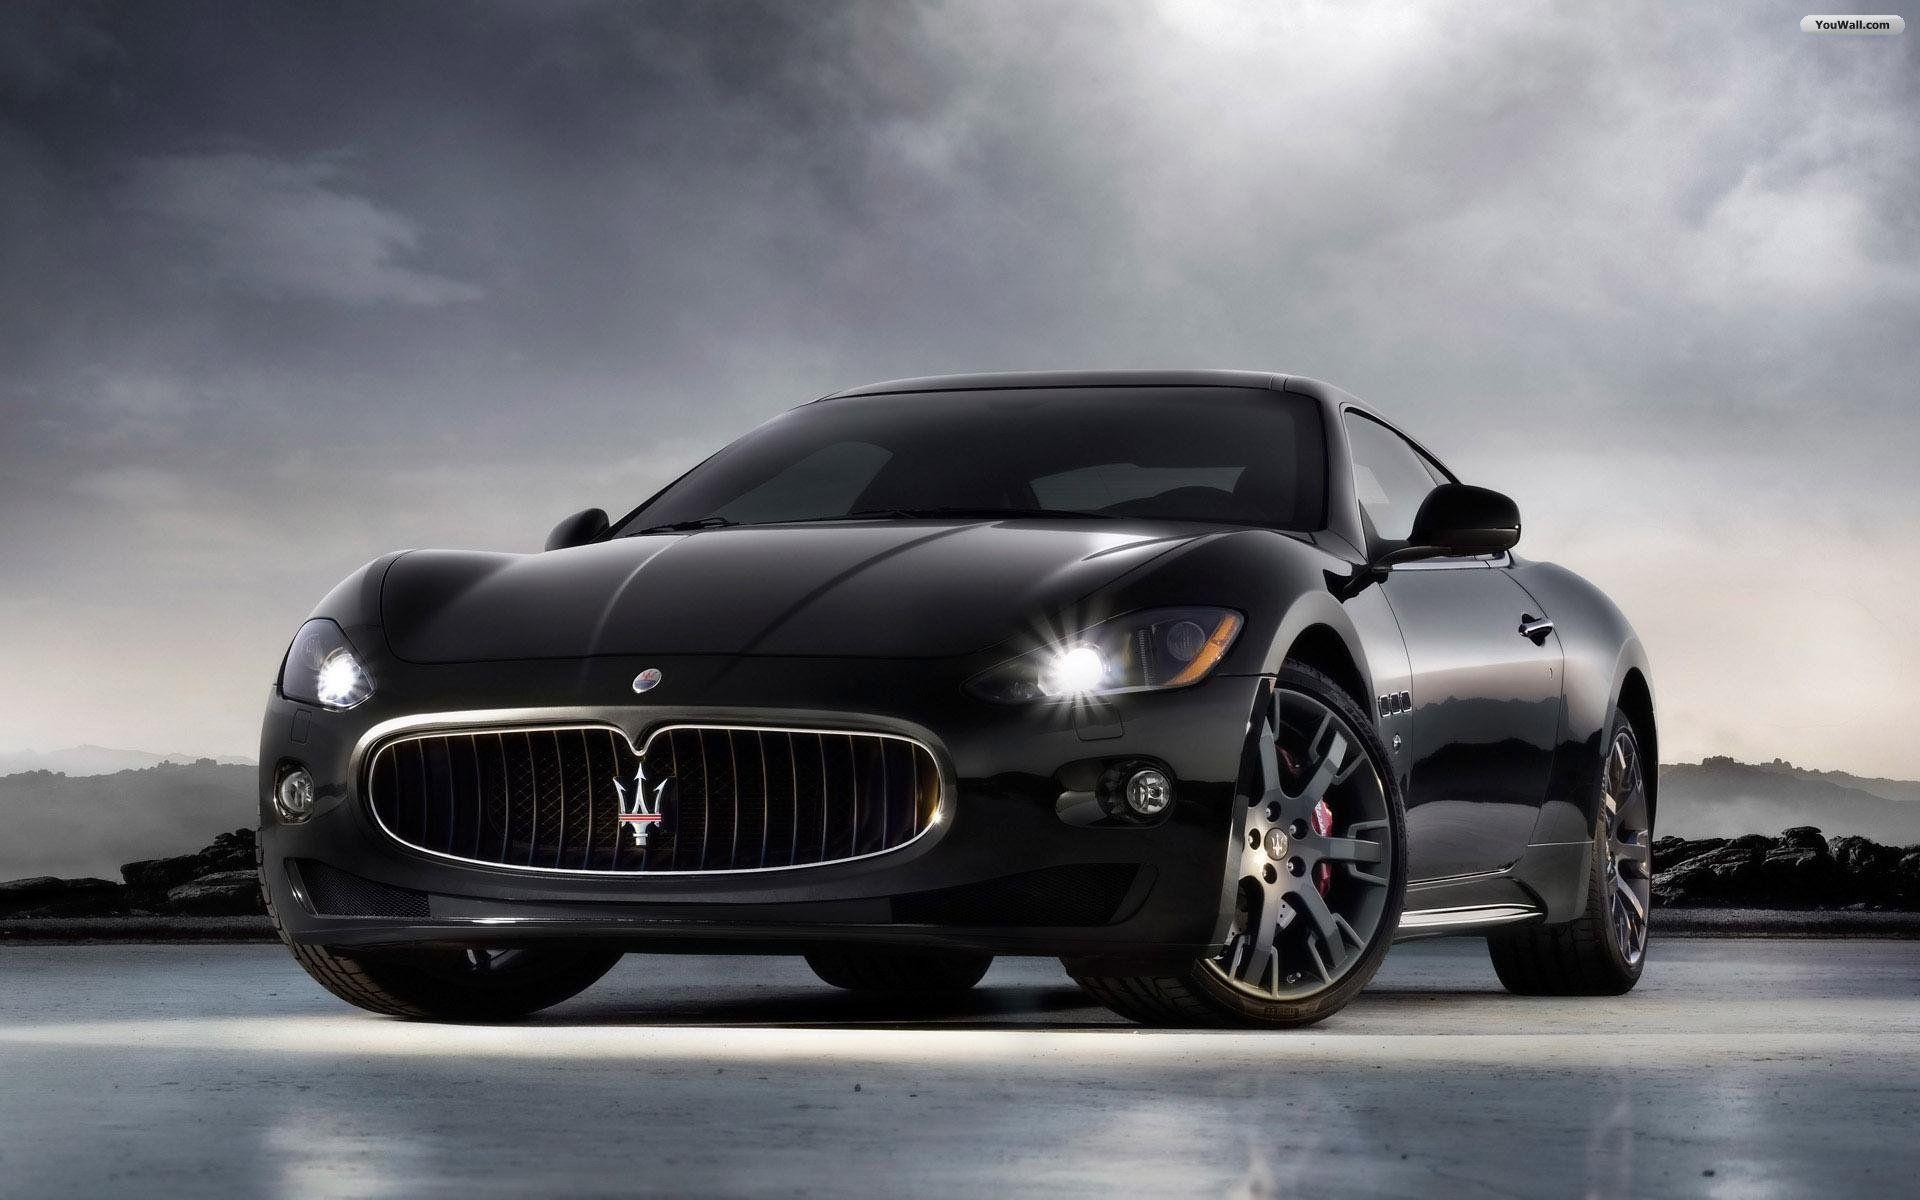 Black Maserati Wallpaper Maserati Granturismo Maserati Car Maserati